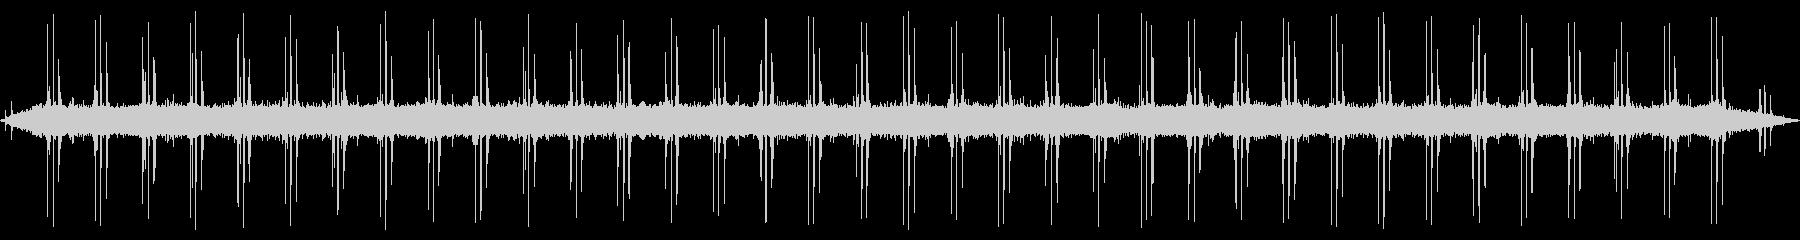 スポットラミネーター:ランニング、...の未再生の波形